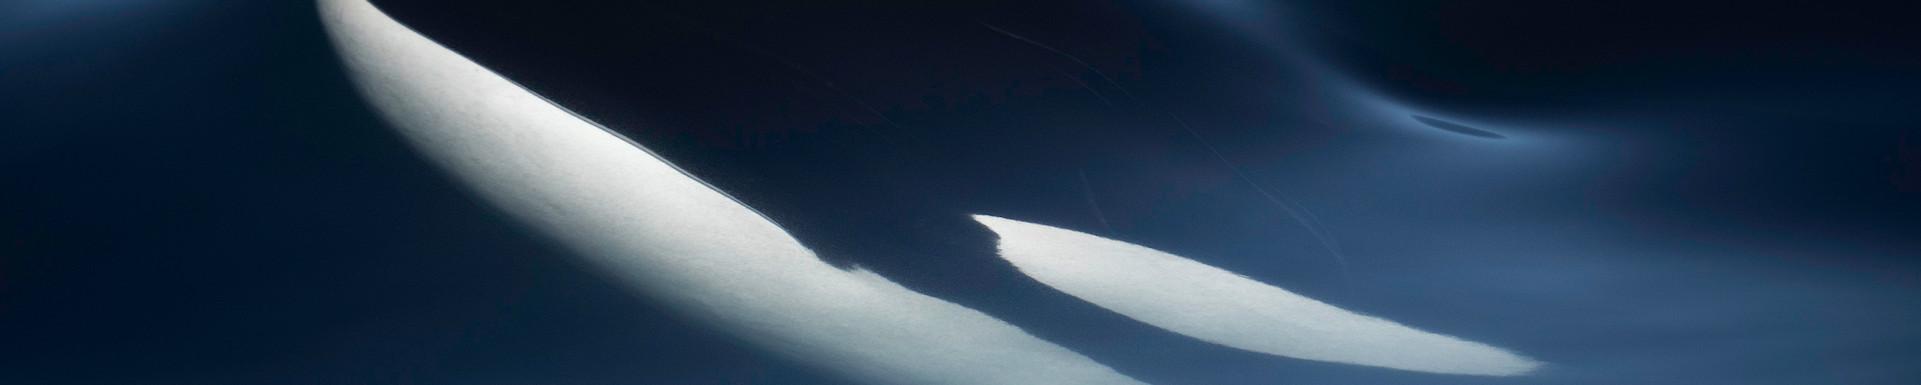 Orca Rising